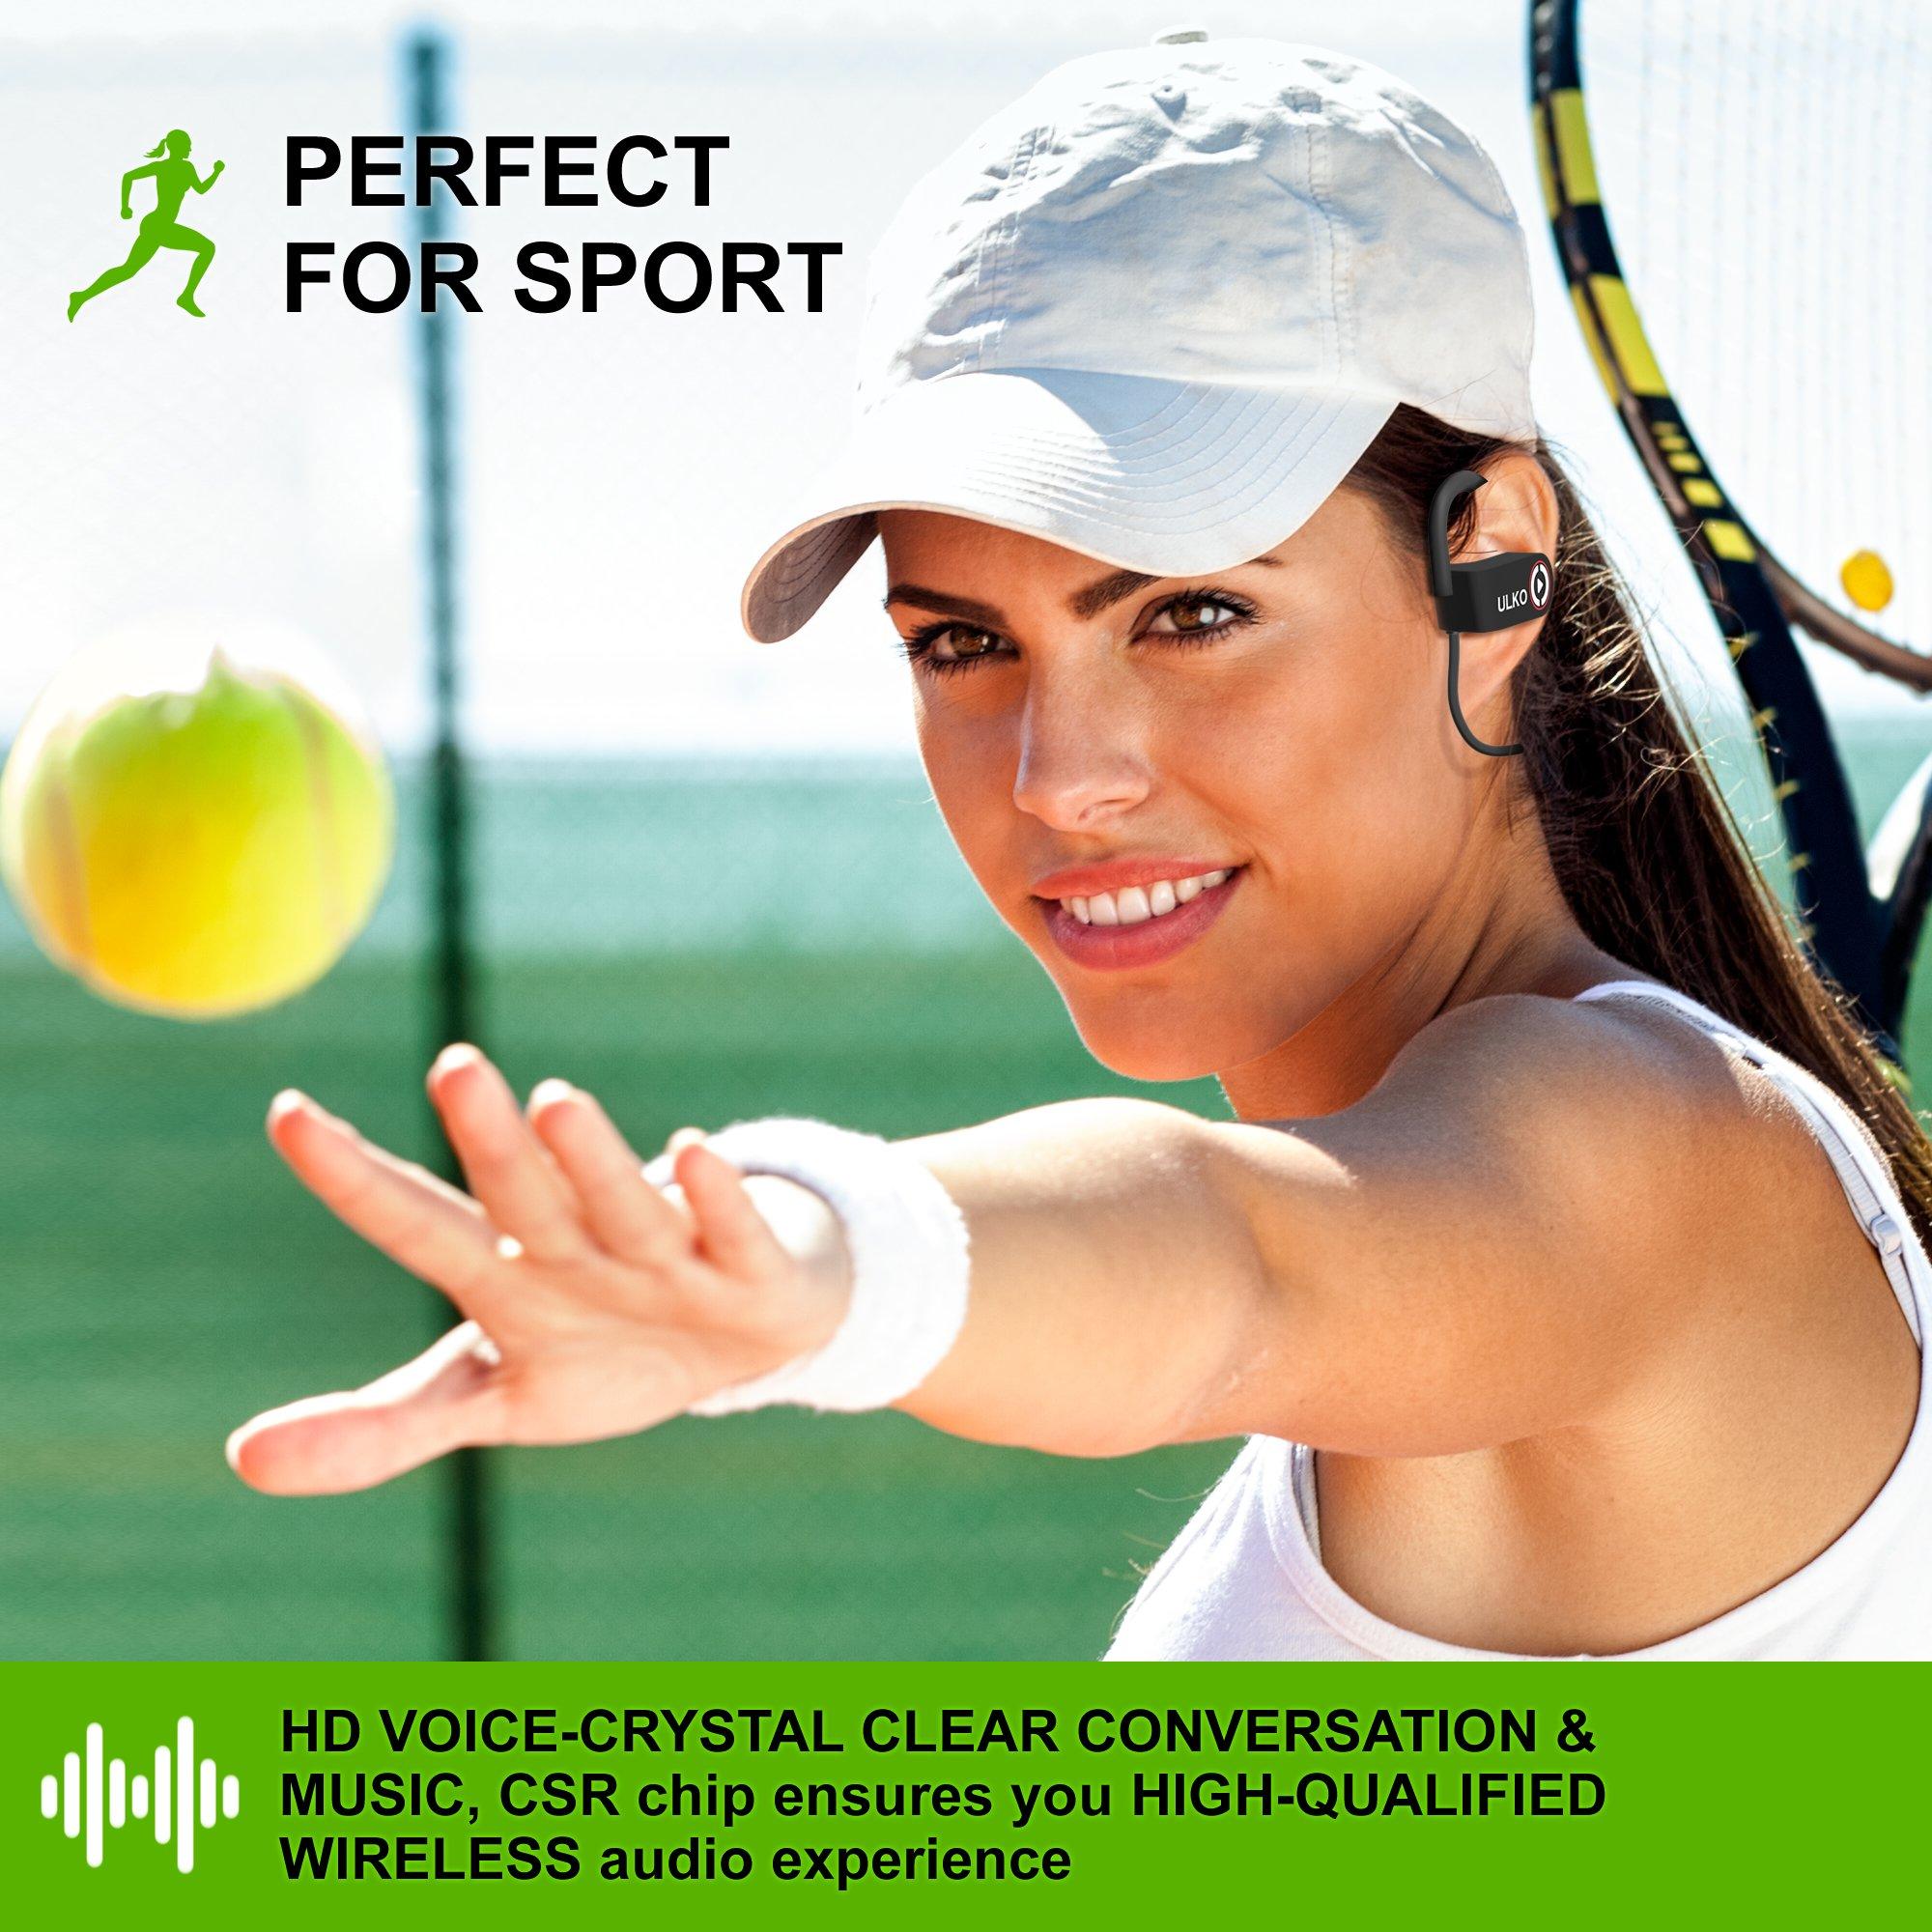 Wireless Headphones | Best Wireless Earbuds |Wireless Workout Earphones | Running Workout Sport Headphones | Sweatproof HD Stereo Earbuds | Noise Cancelling Headset Sports for Women Men Mic 9 Hours